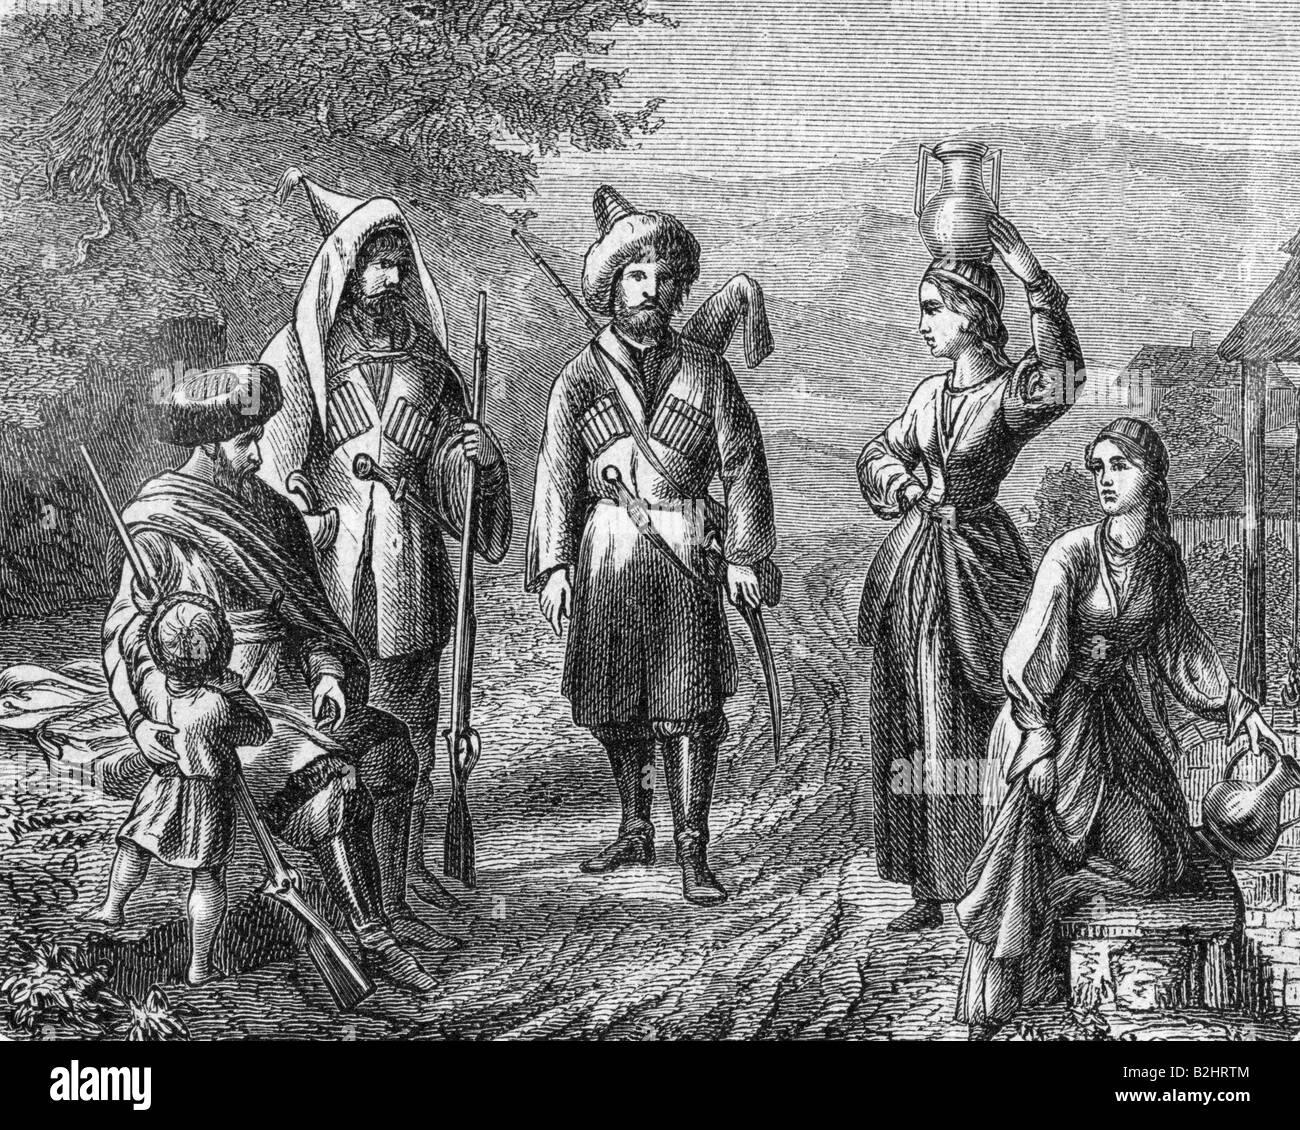 Geografie/Reisen, Russland, Leute, Kaukasier, Gravieren, 19. Jahrhundert, Kostüm, Kaukasus, historischen, geschichtlichen, Stockbild